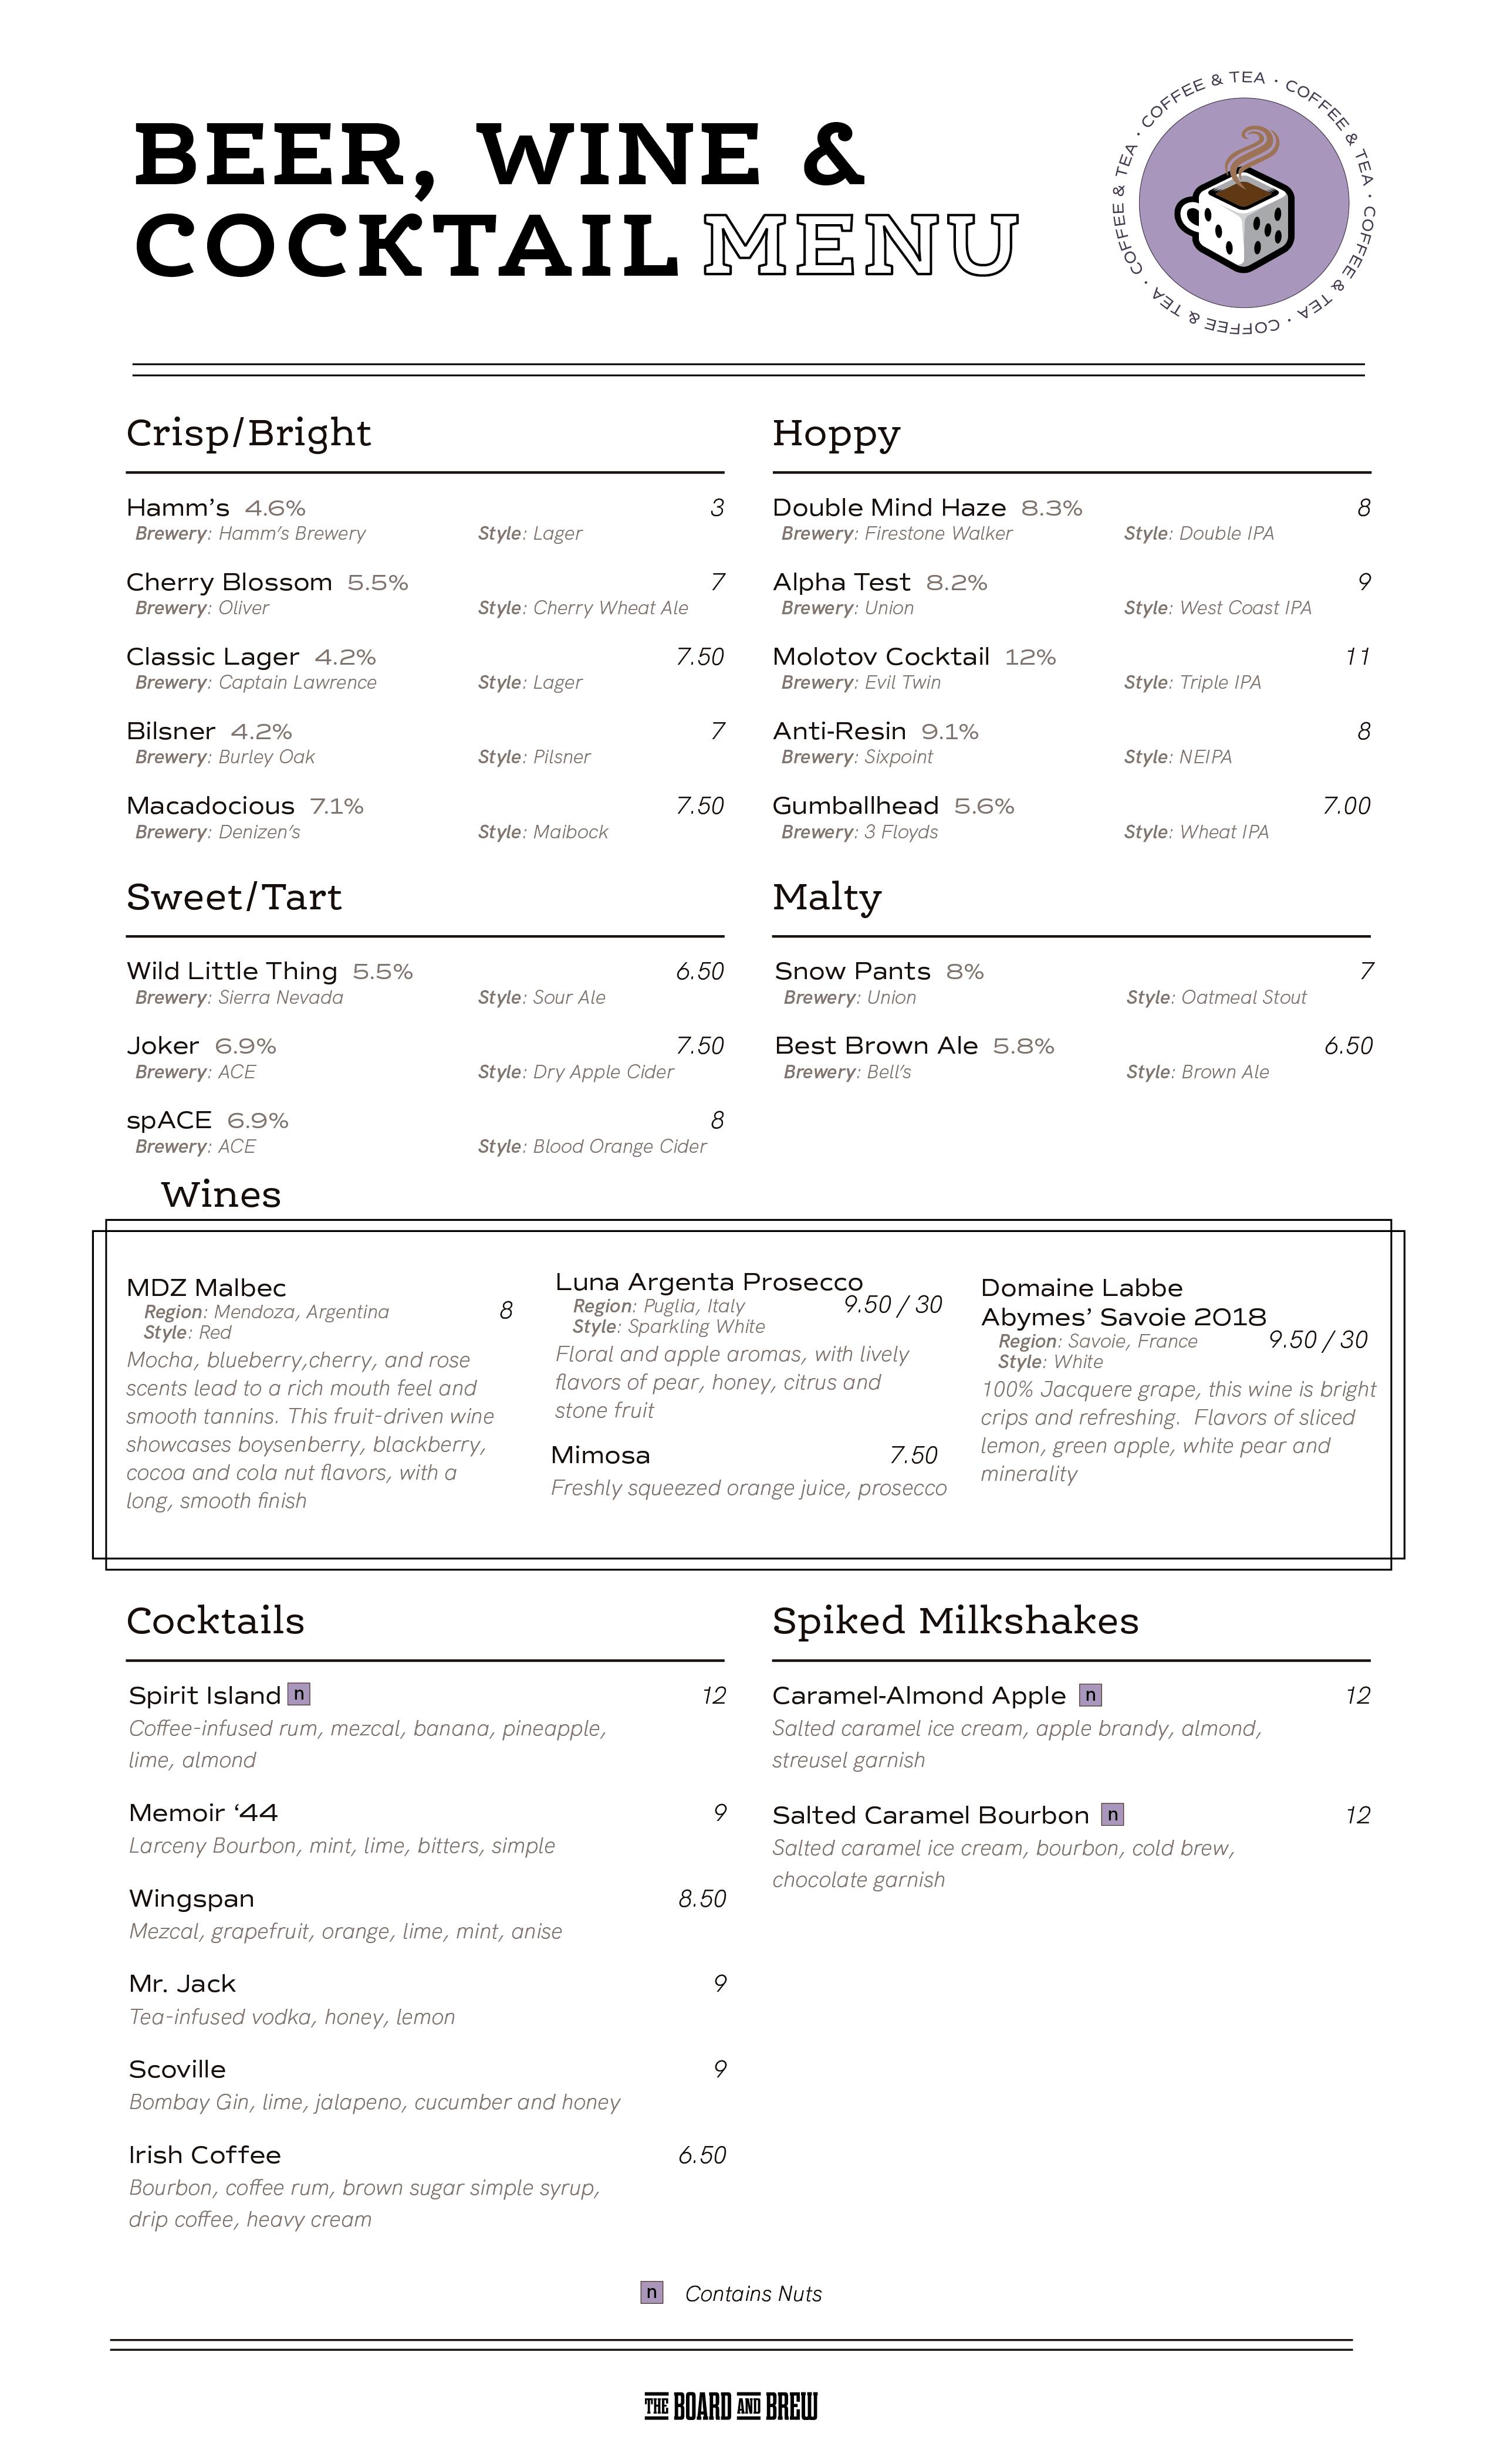 College Park Beer, Wine & Cocktail Menu